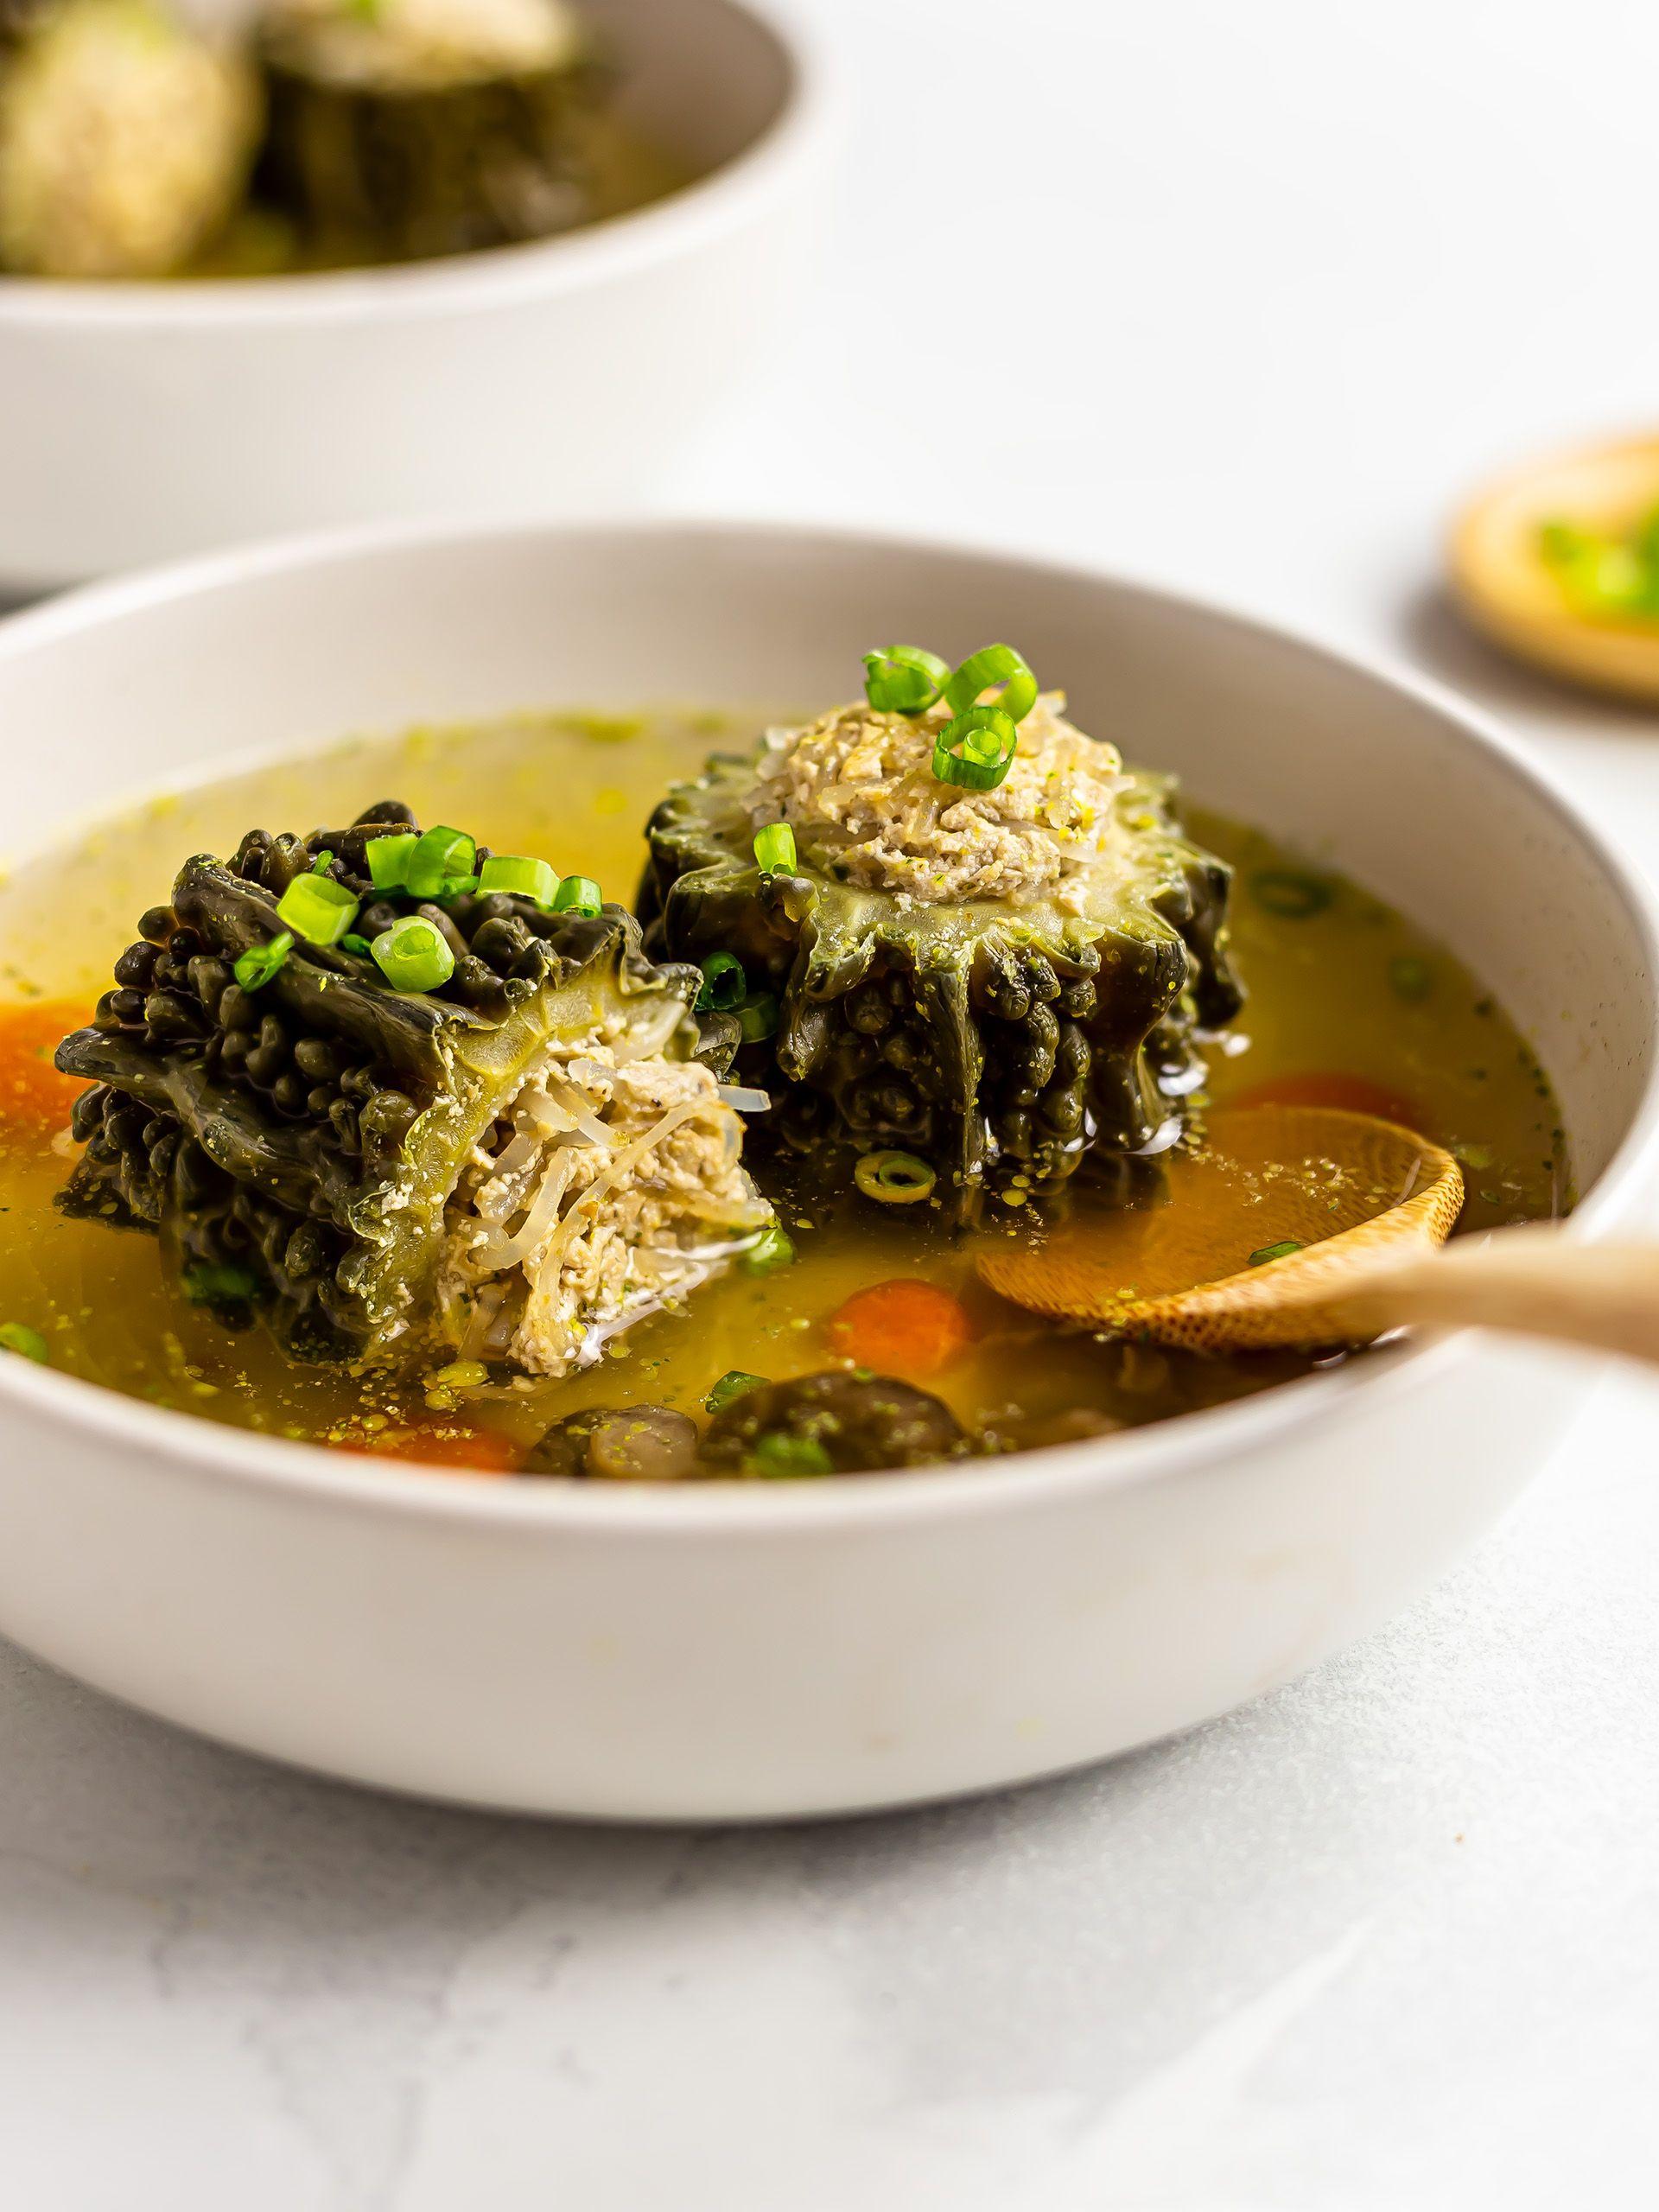 Vegan Stuffed Bitter Melon Soup